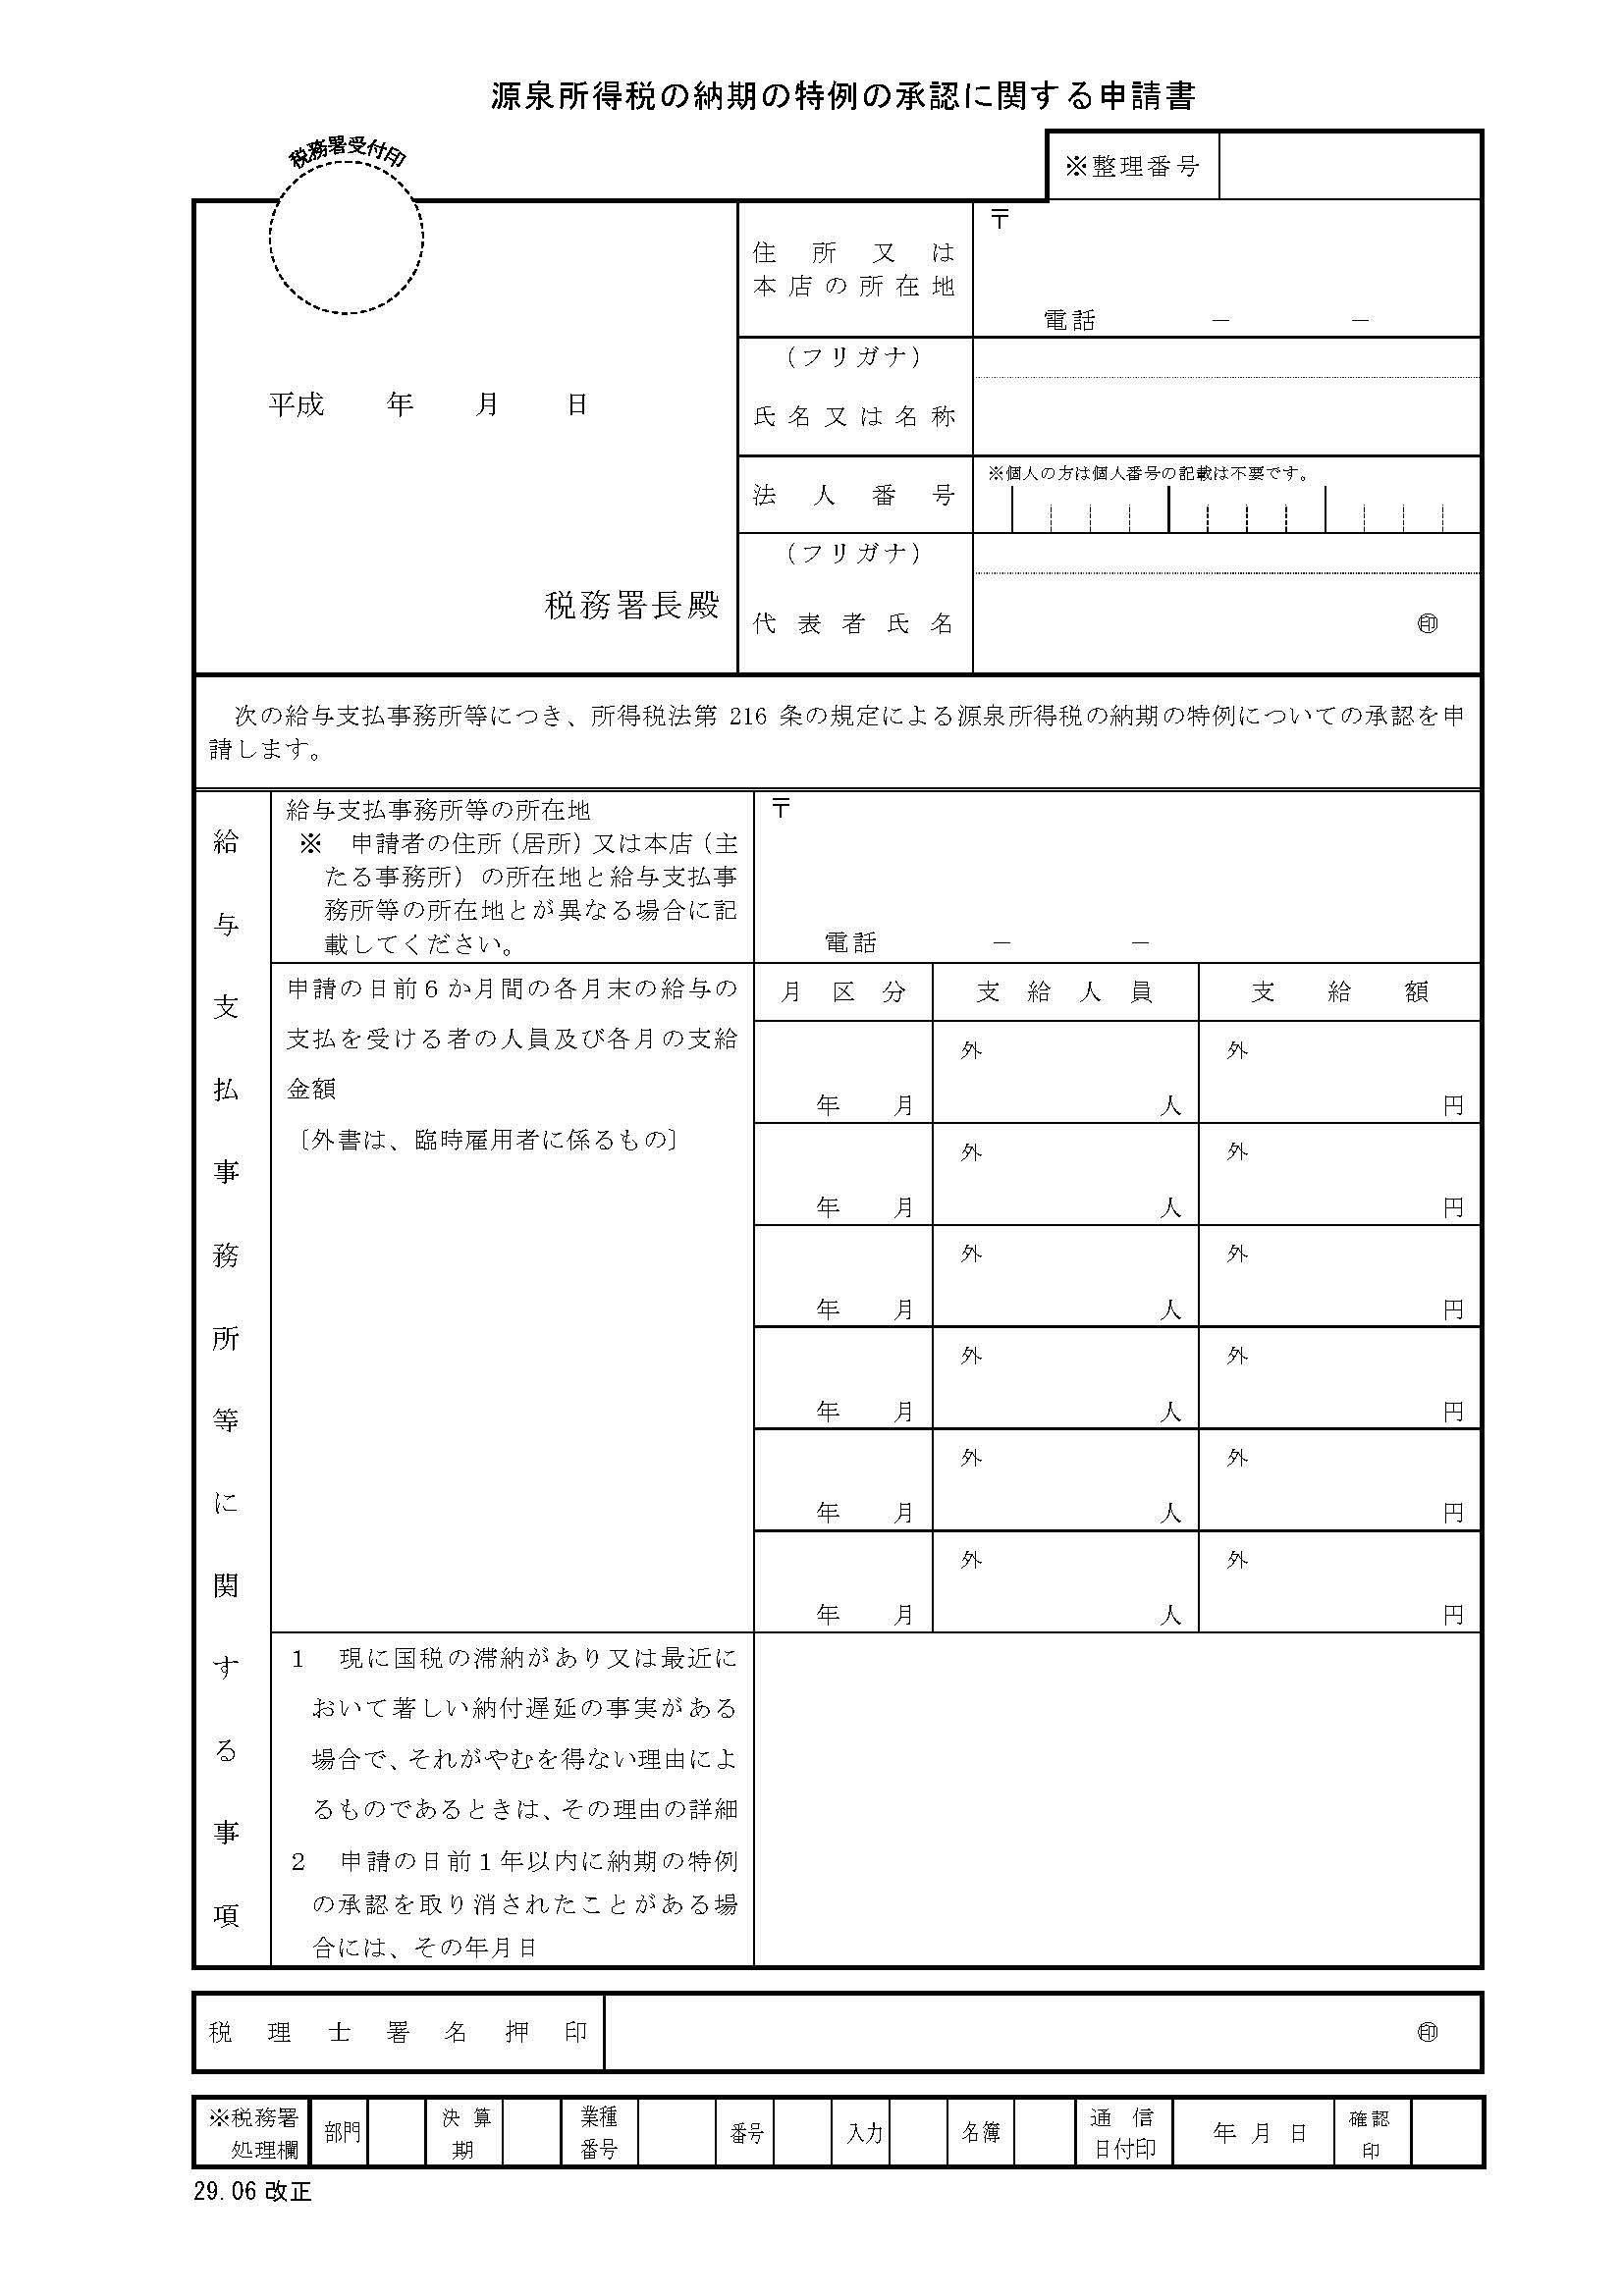 源泉徴収税の納期の特例の承認に関する申請書